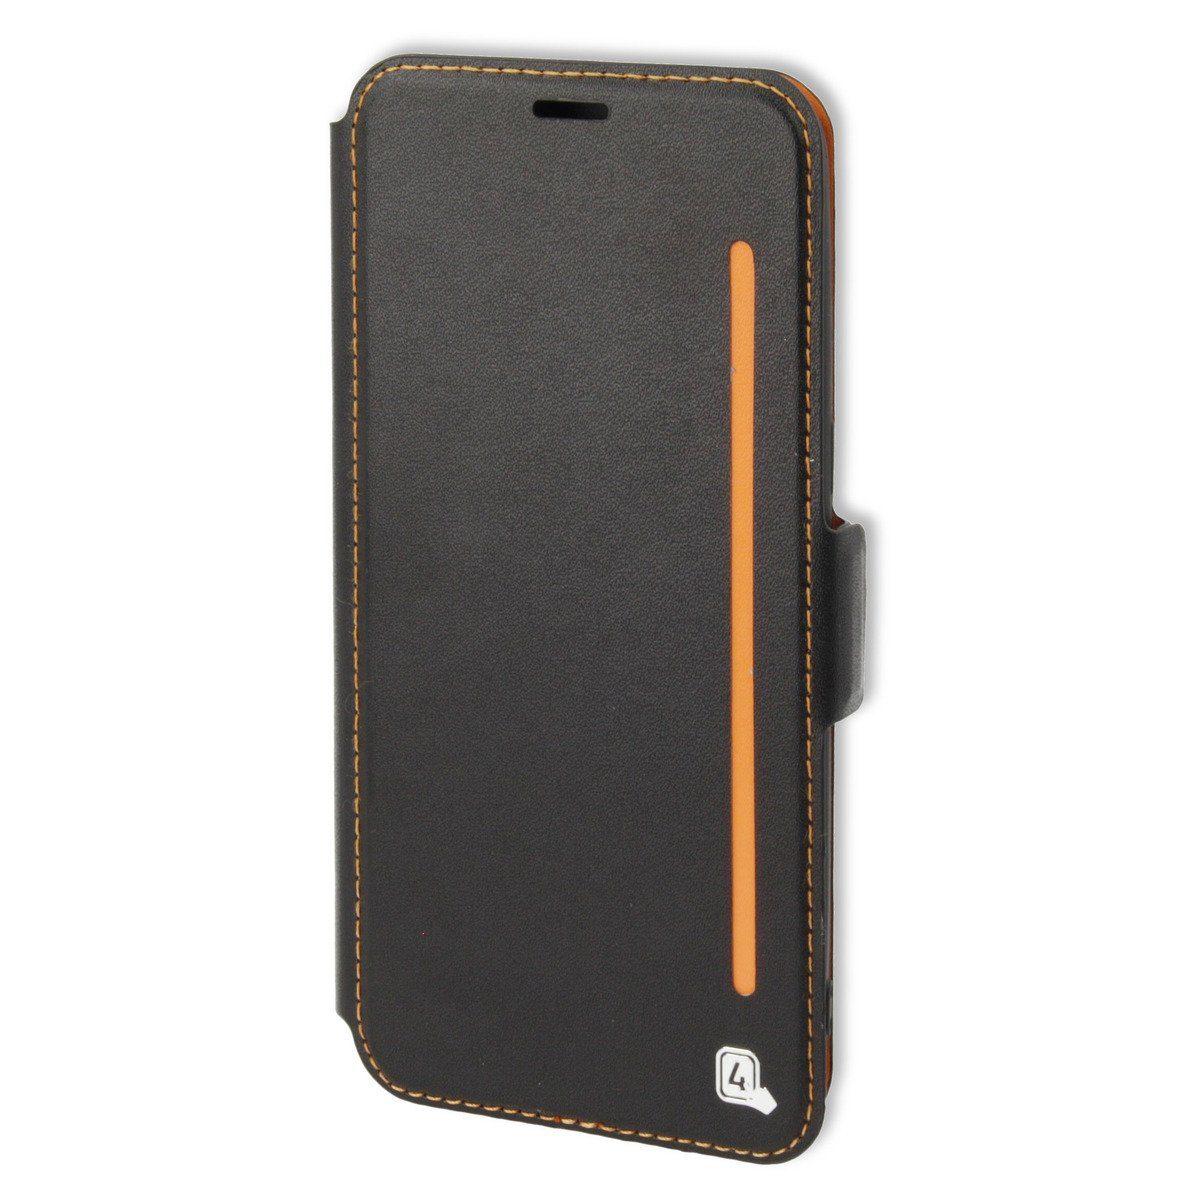 4Smarts Handytasche »Flip-Tasche TWO-TONE+ für Apple iPhone 7/8«